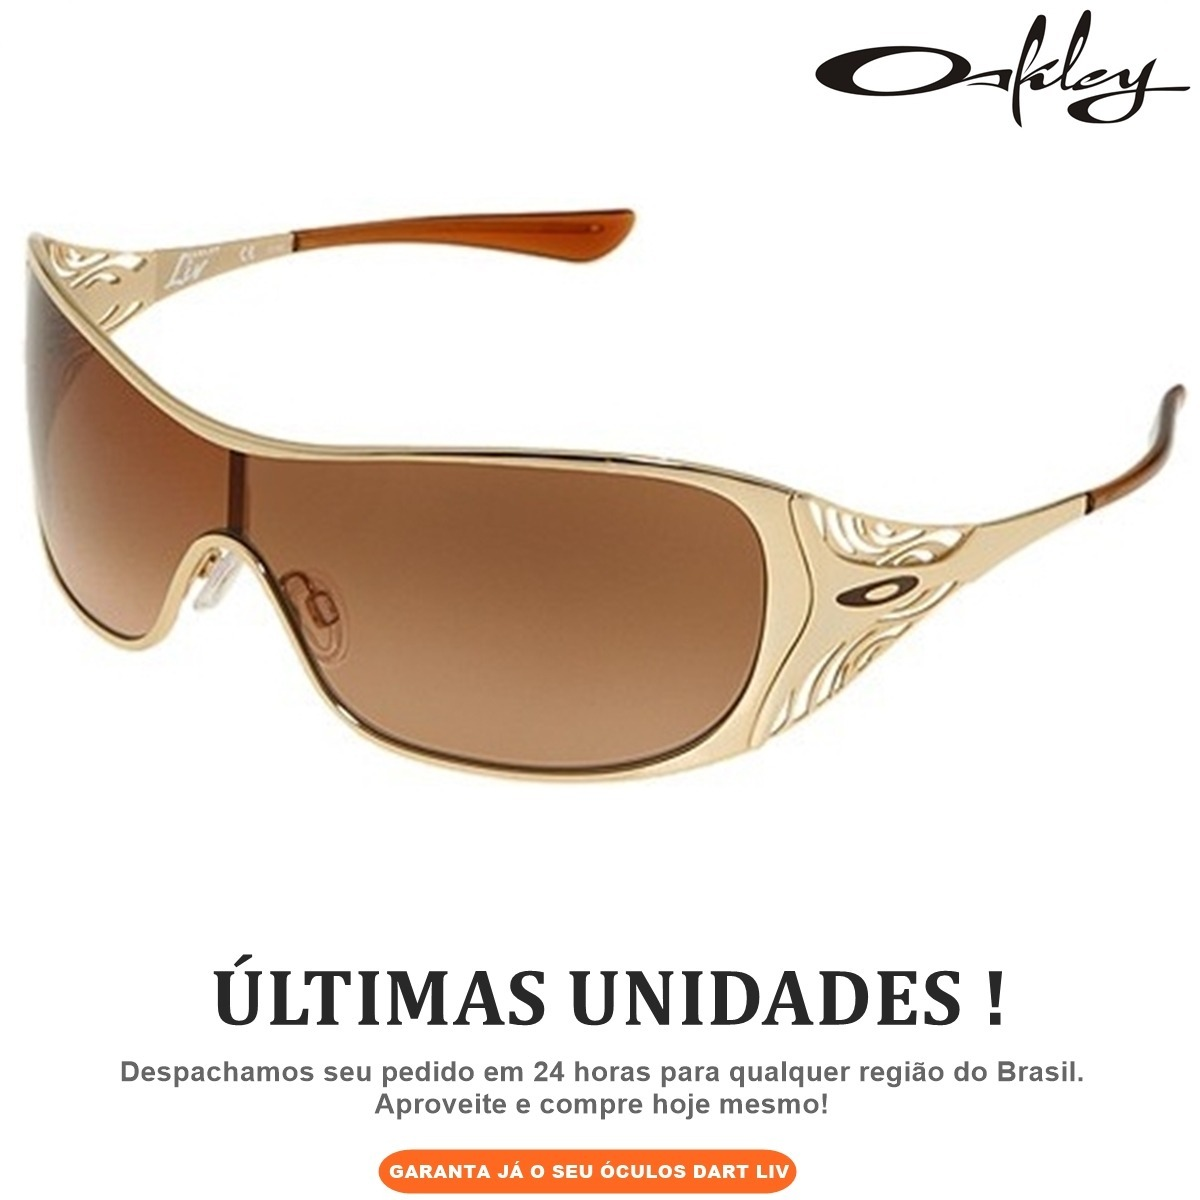 oculos oakley dart gold c  envio imediato aos correios 24hrs. Carregando  zoom. 41a0de3884